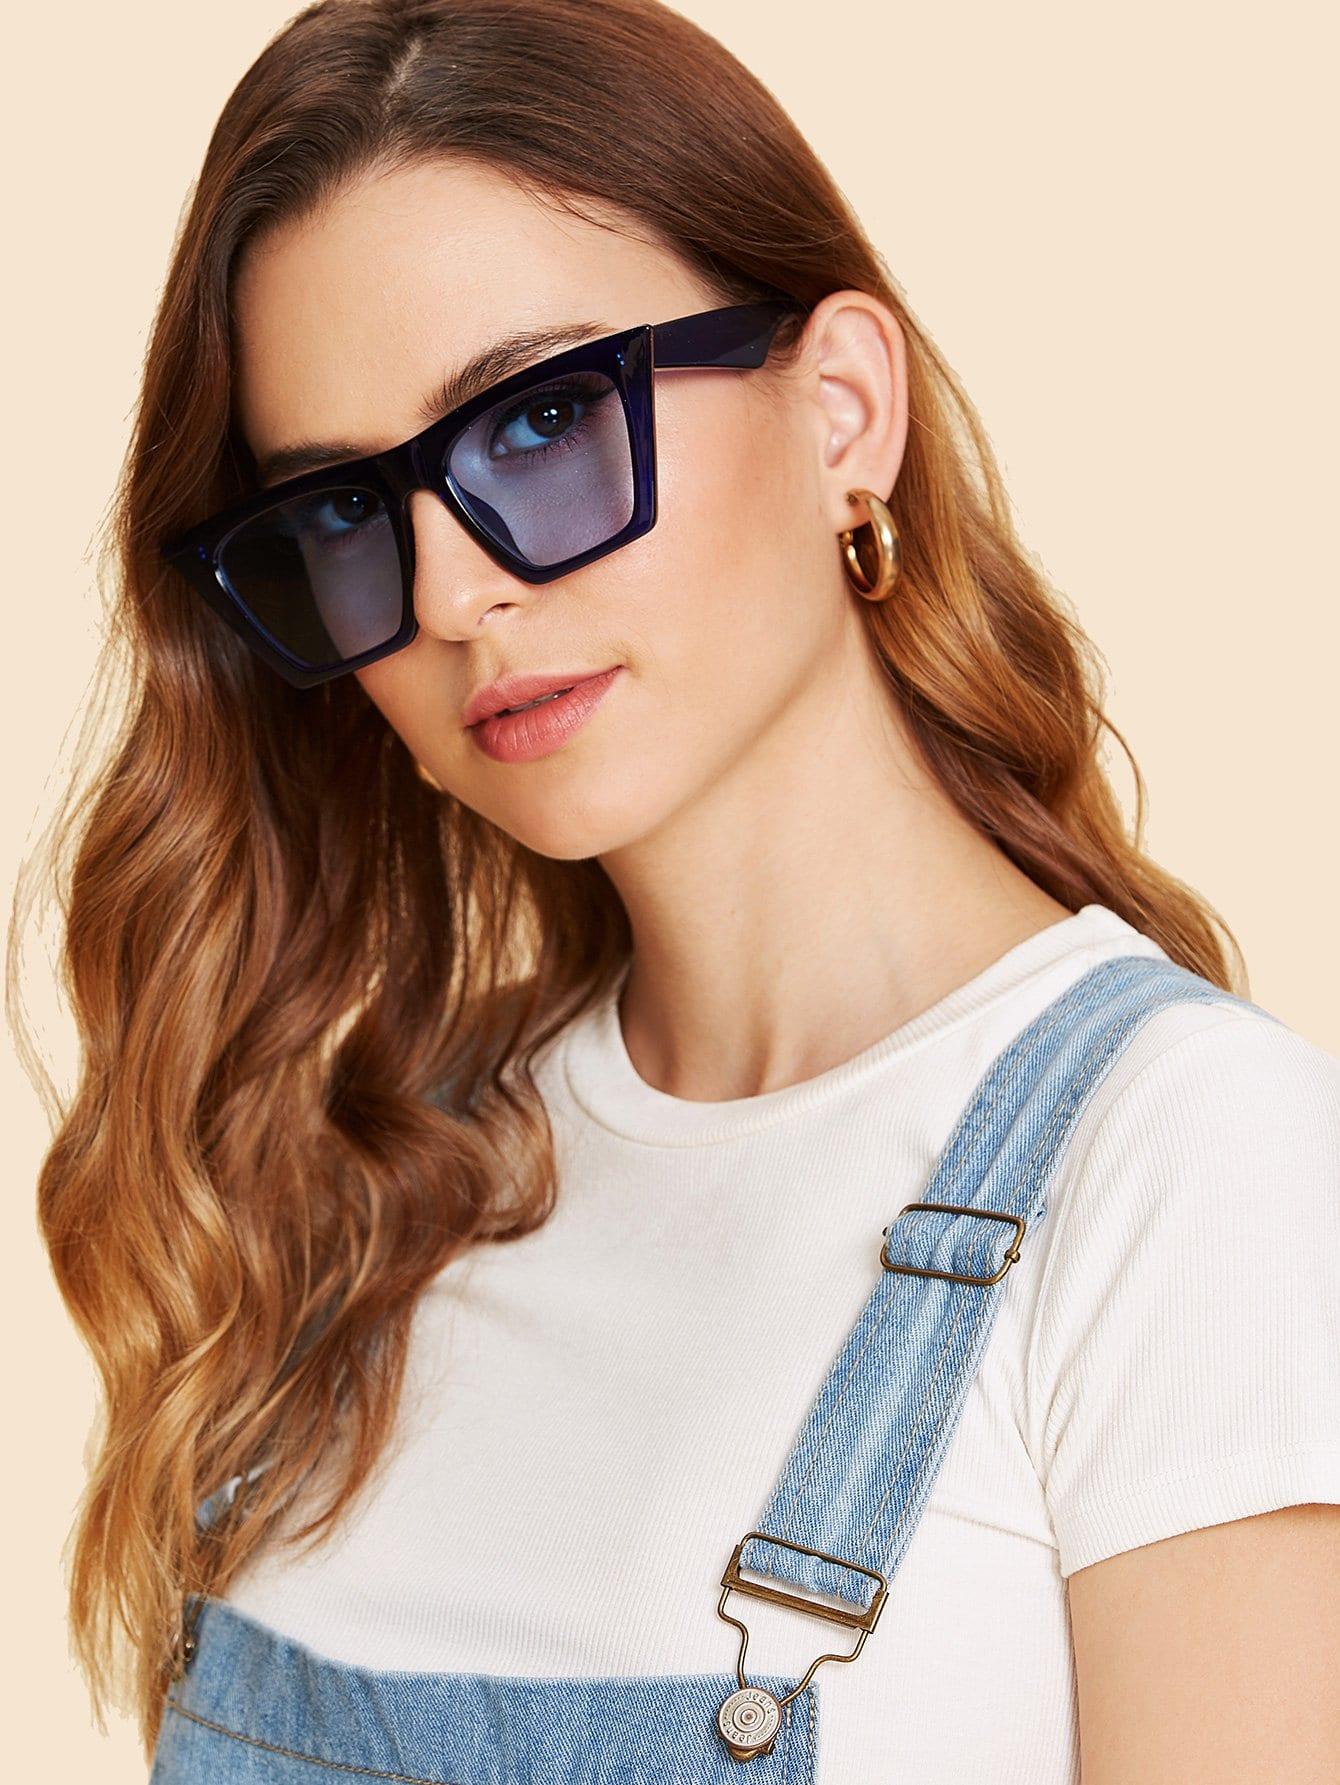 Plain Frame Cat Eye Sunglasses cat eye glasses tinize 2015 tr90 5832